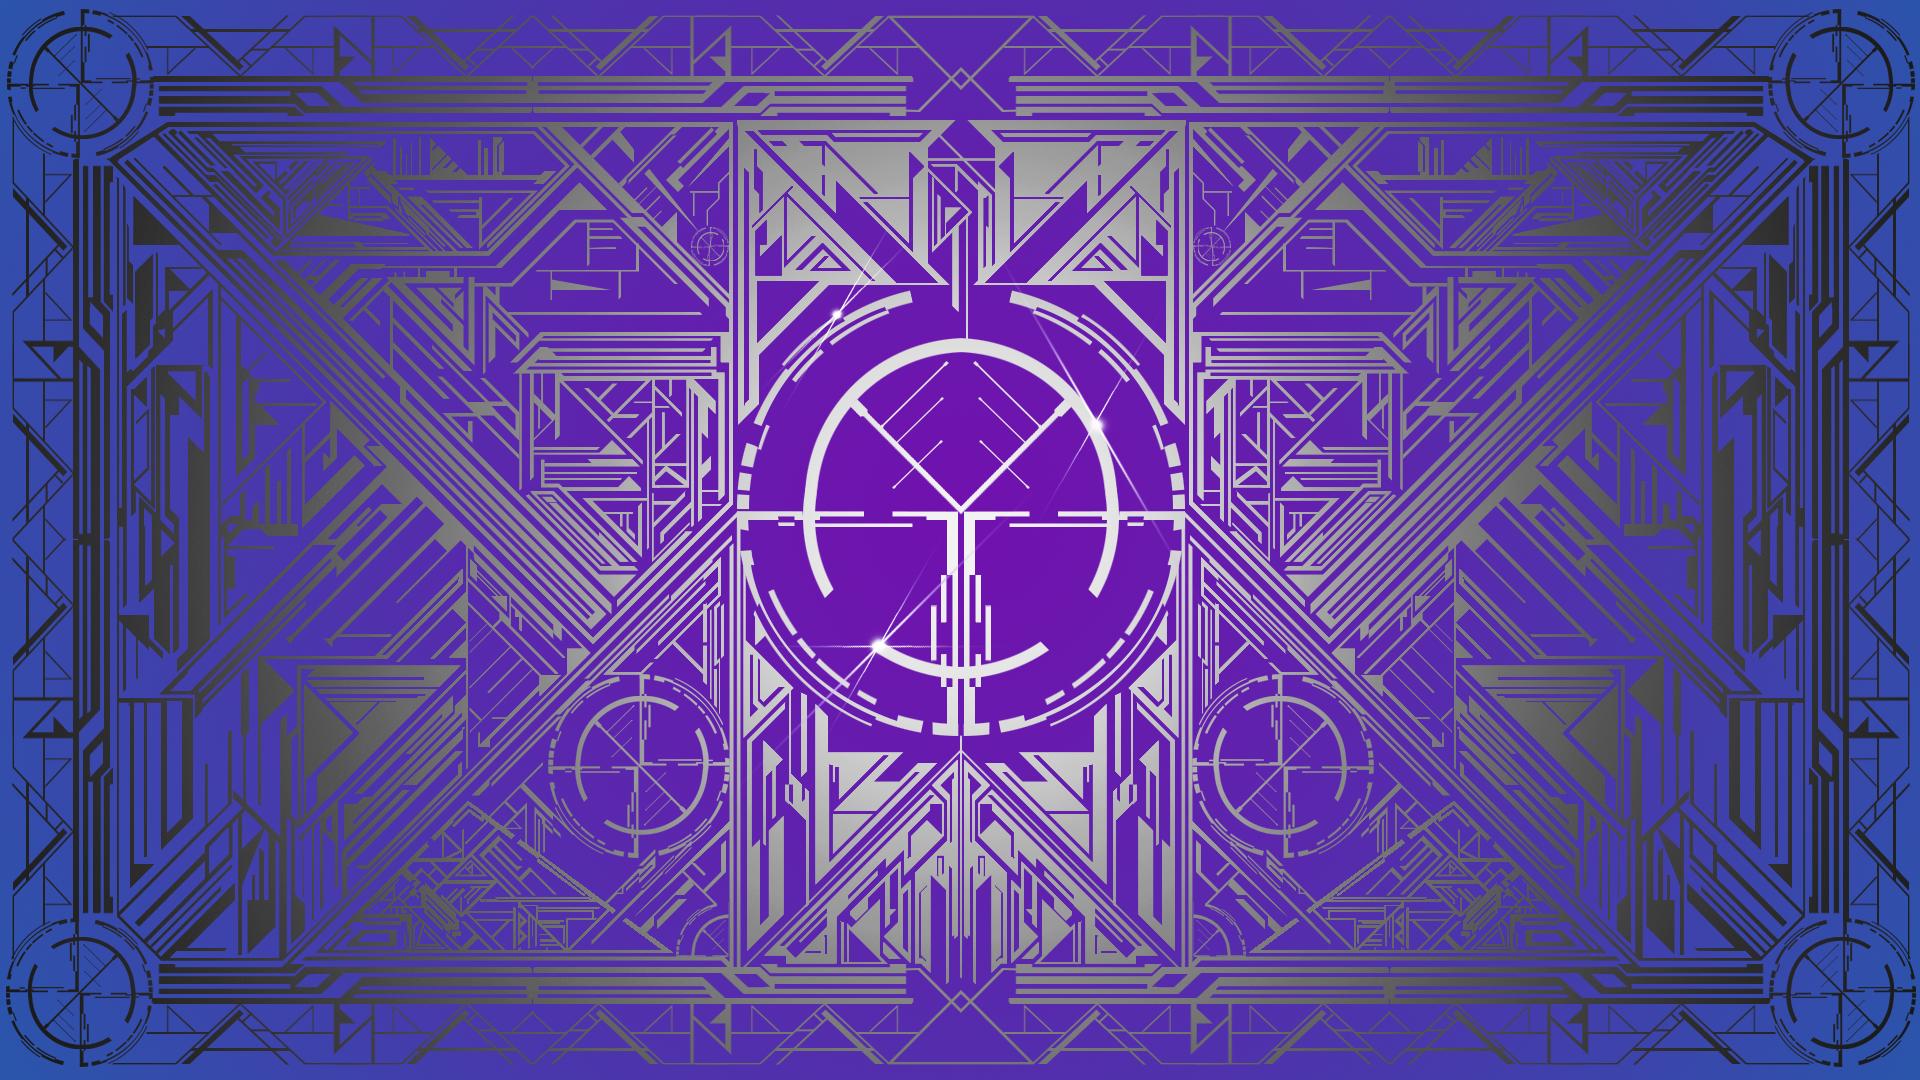 Tech/Sci-Fi Pattern by TRBowl